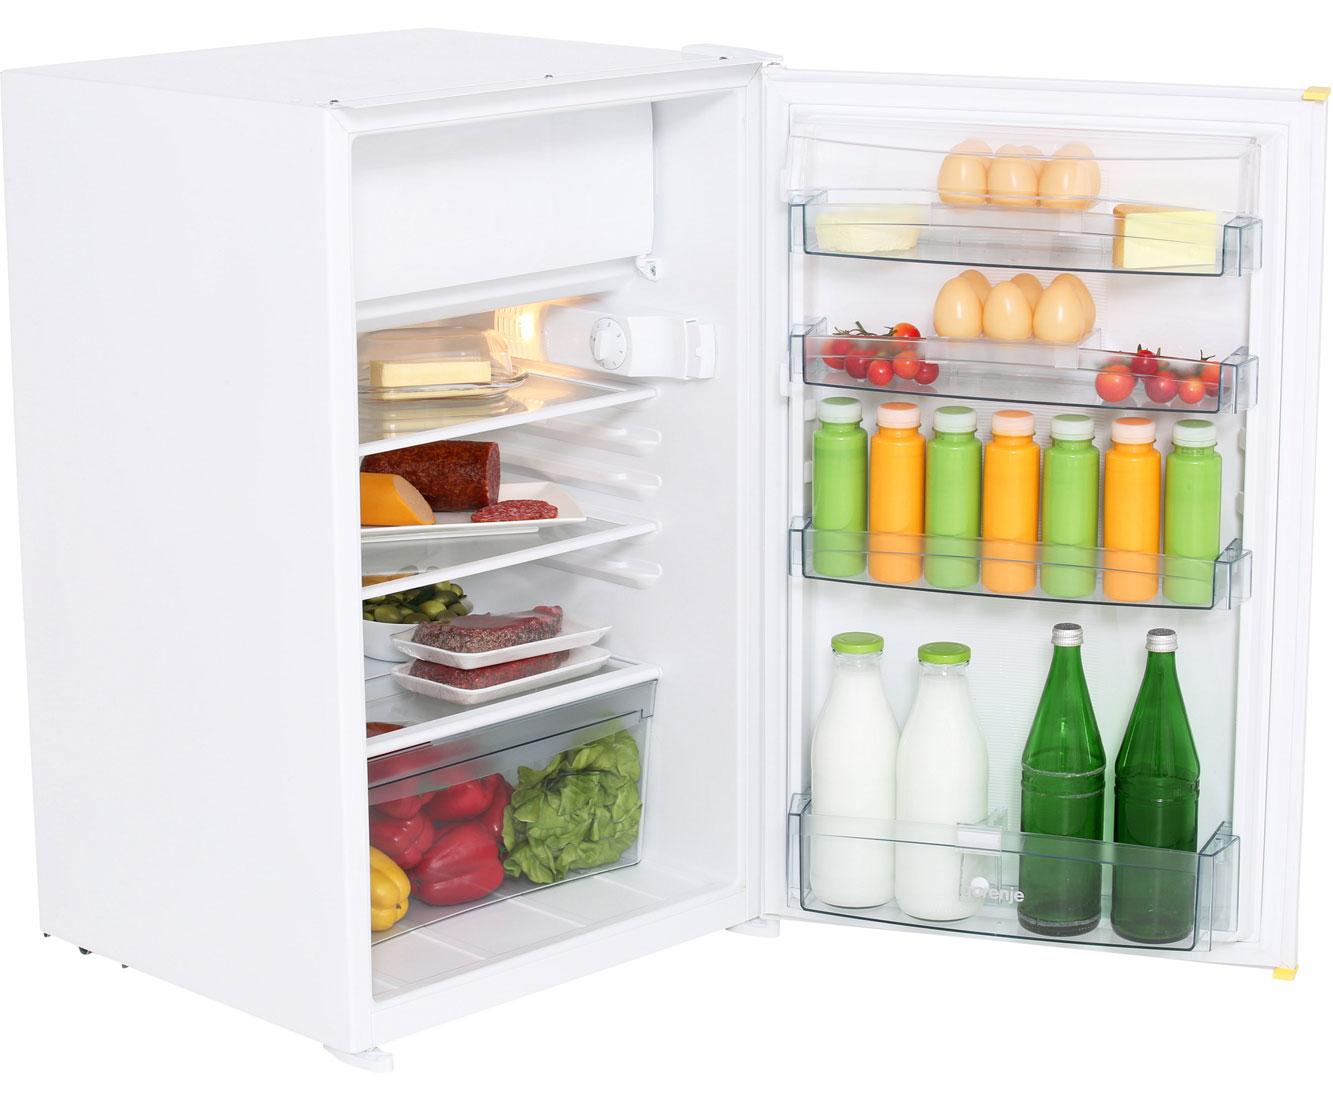 Kleiner Kühlschrank Ohne Gefrierfach : Gorenje rbi aw einbau kühlschrank mit gefrierfach er nische